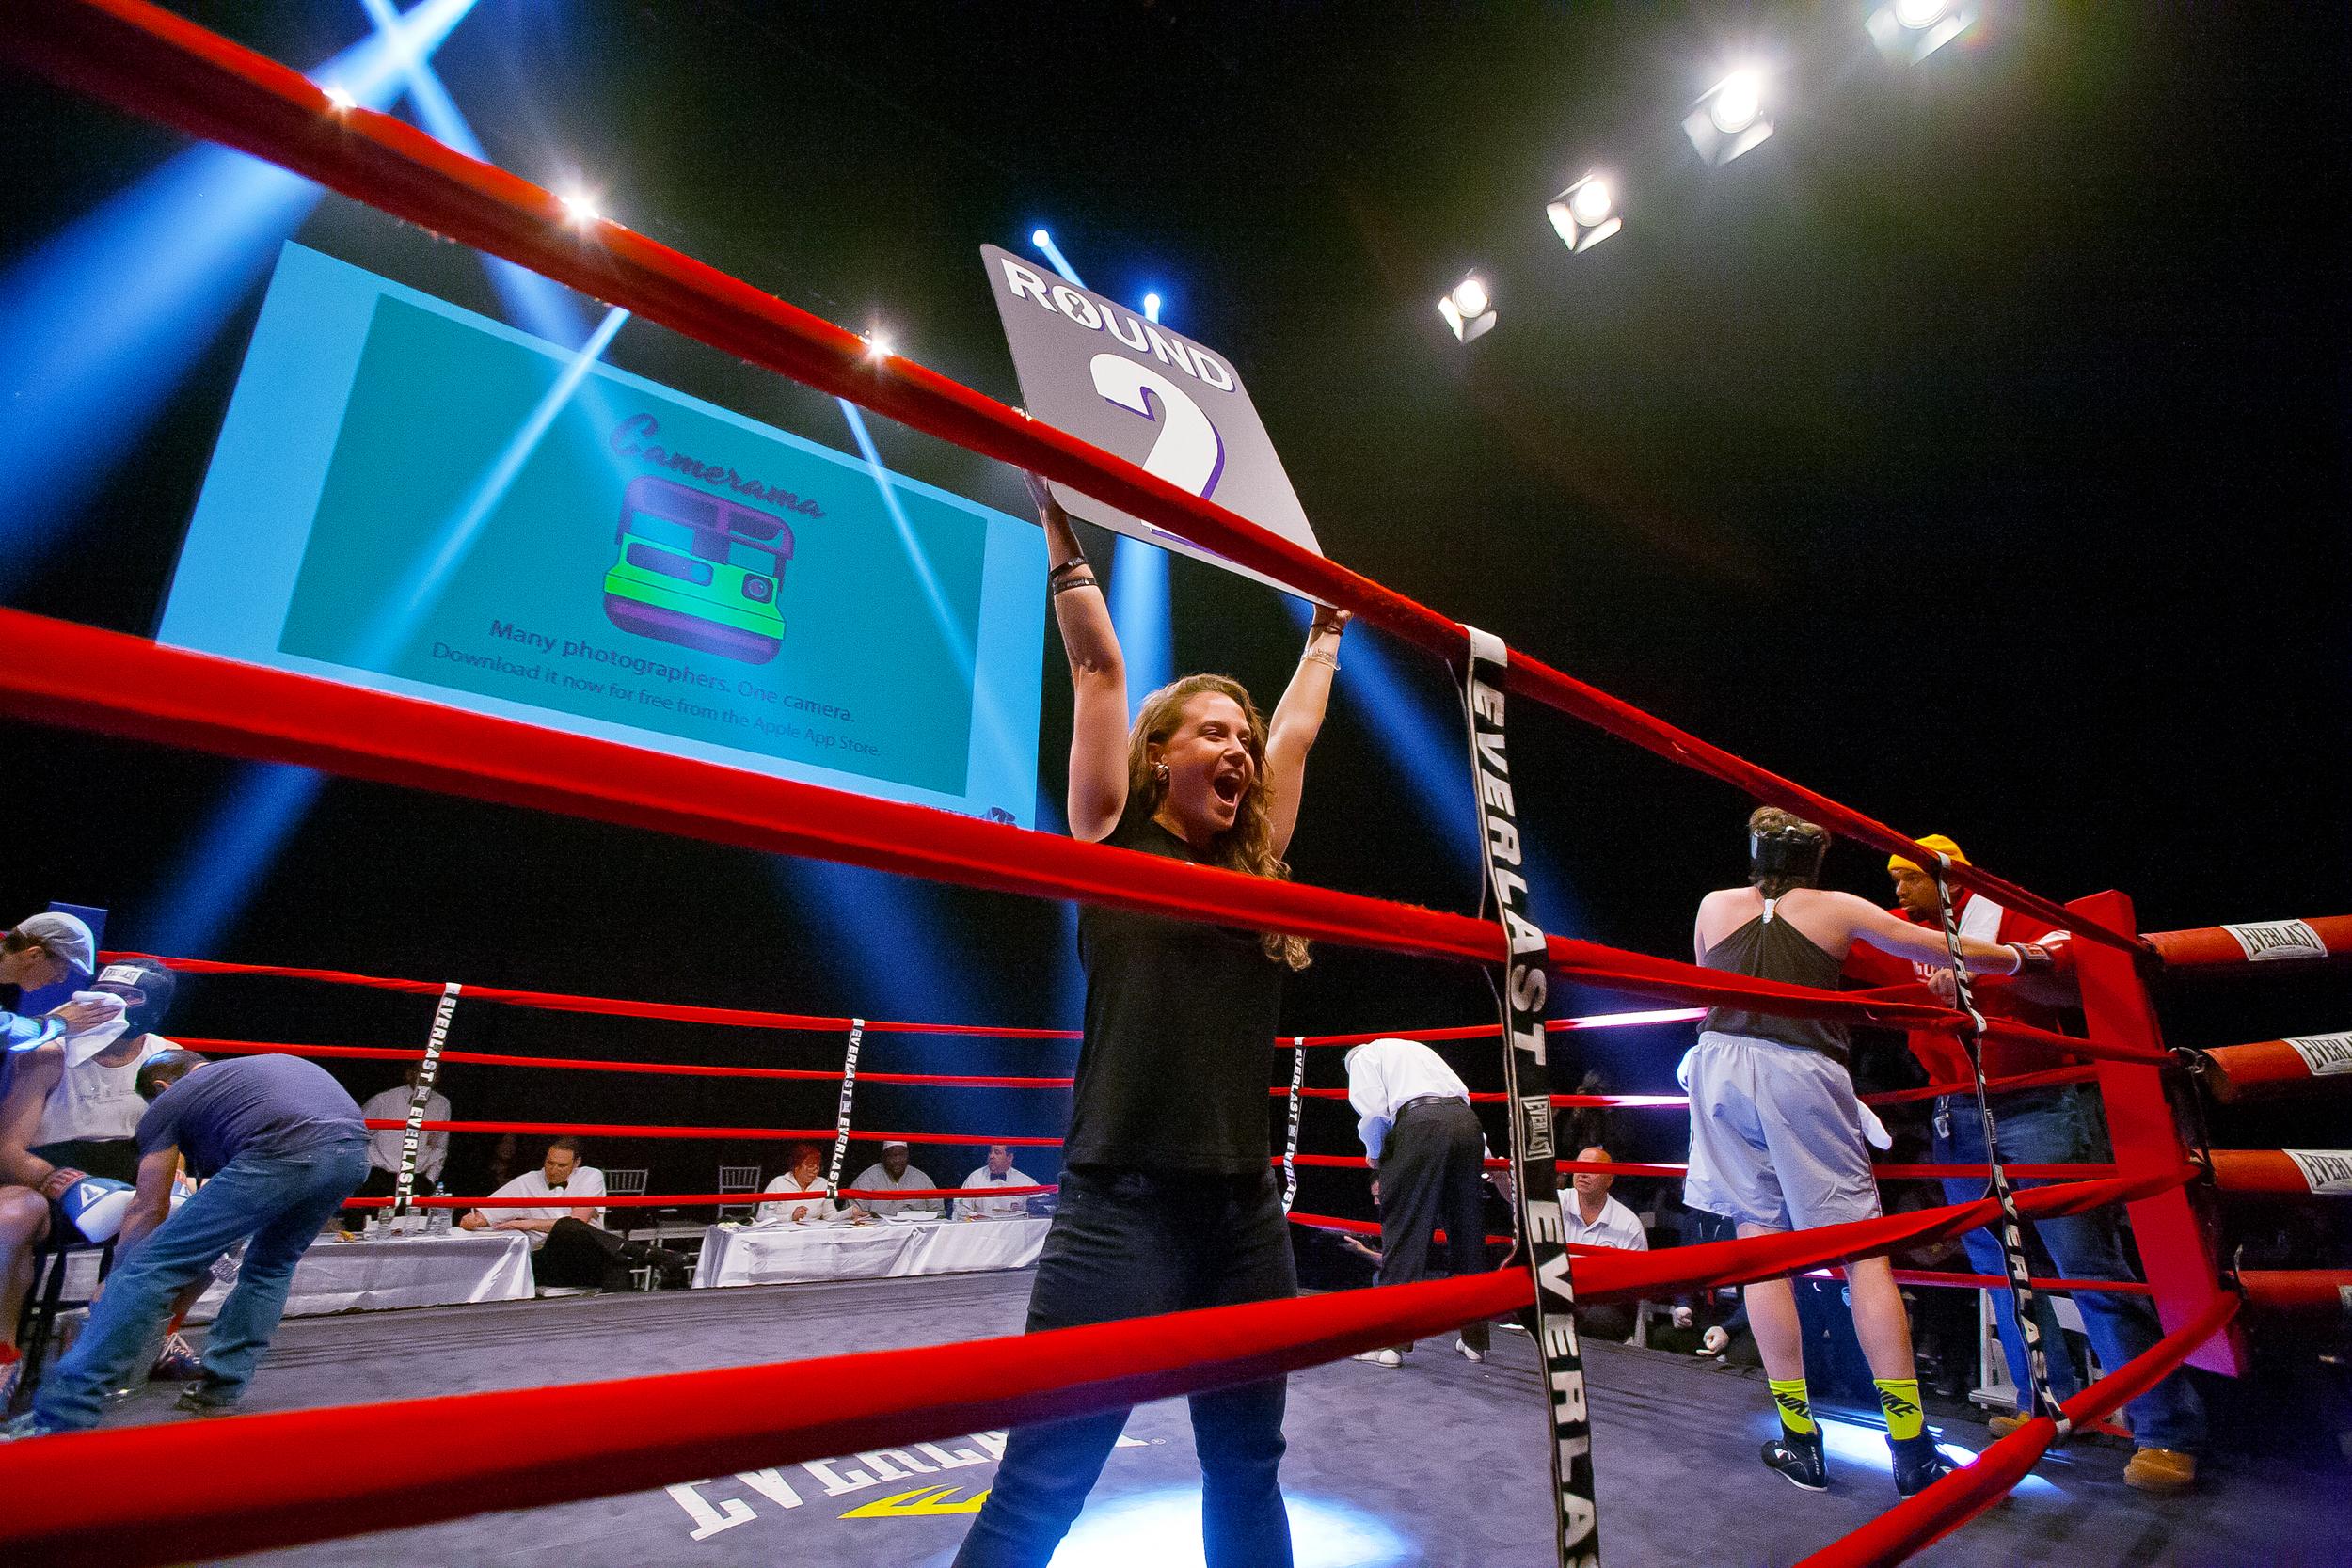 Fight 13: Scott Bruckmann v. Salah ZalatimoHaymakers for Hope at the Hammerstein Ballroom in New York City, Nov. 14, 2013.